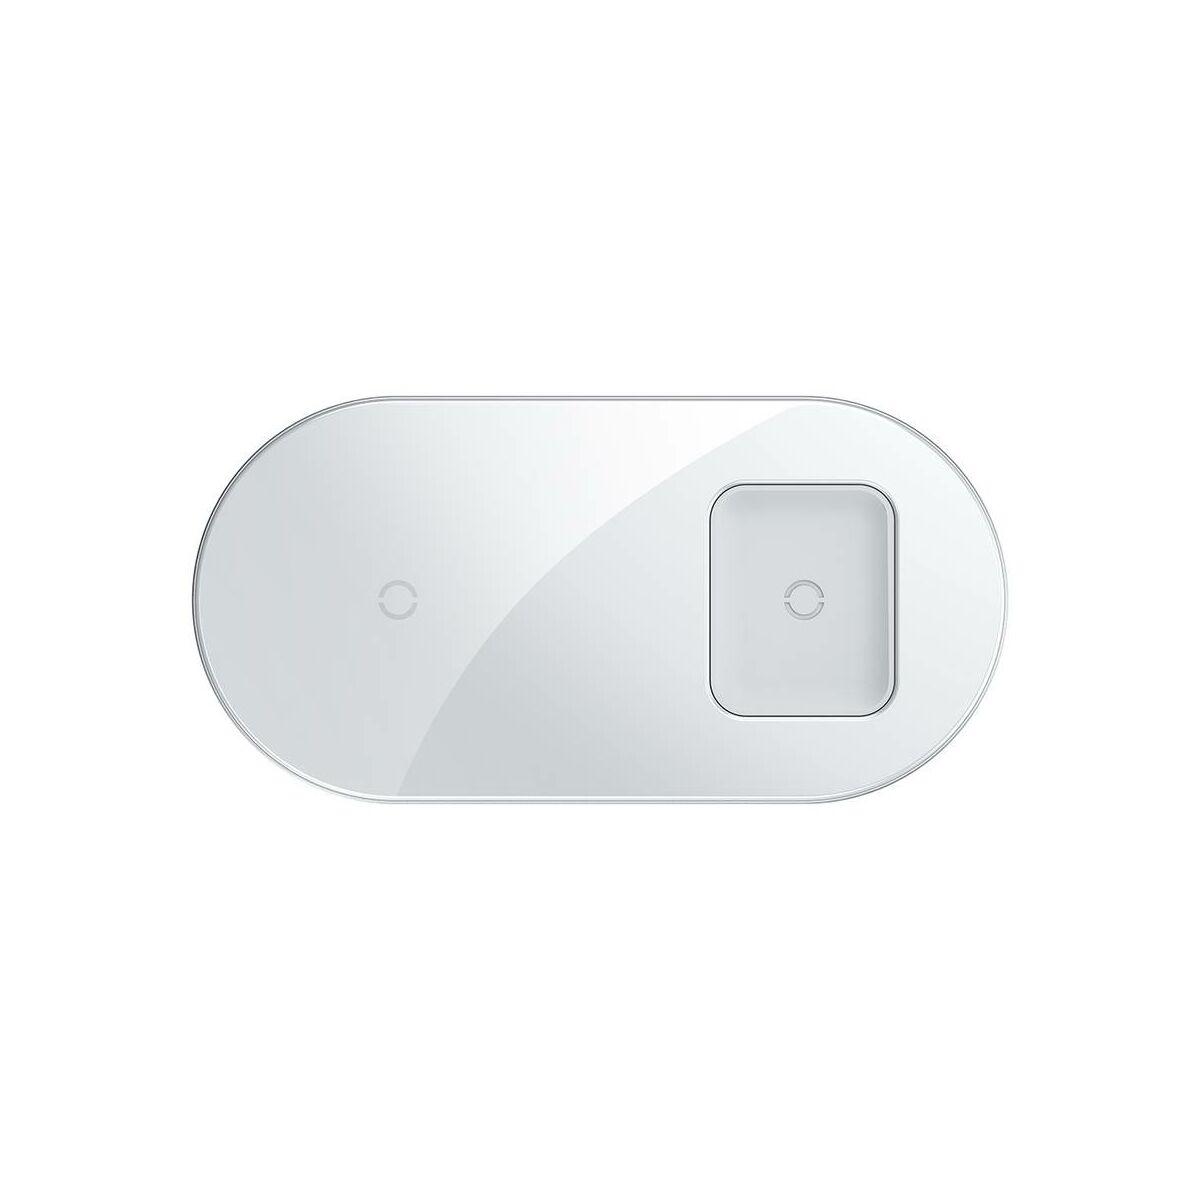 Baseus vezeték nélküli töltő, Simple 2-in-1, telefon + AirPods, 18W, fehér (WXJK-02)